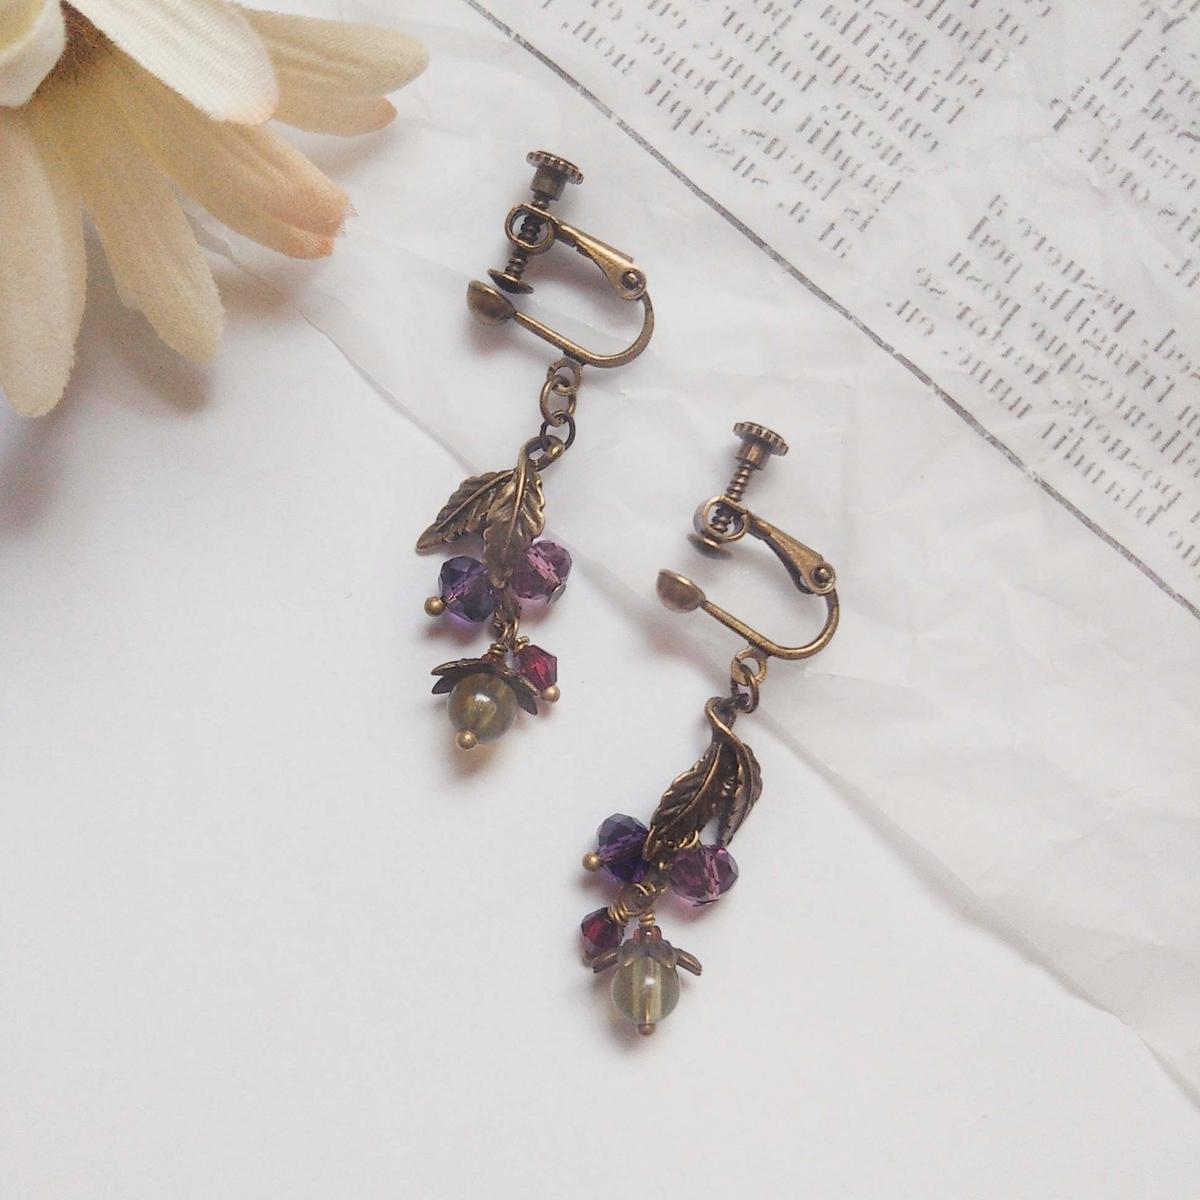 紫色木の実のアンティーク風イヤリング・ピアス